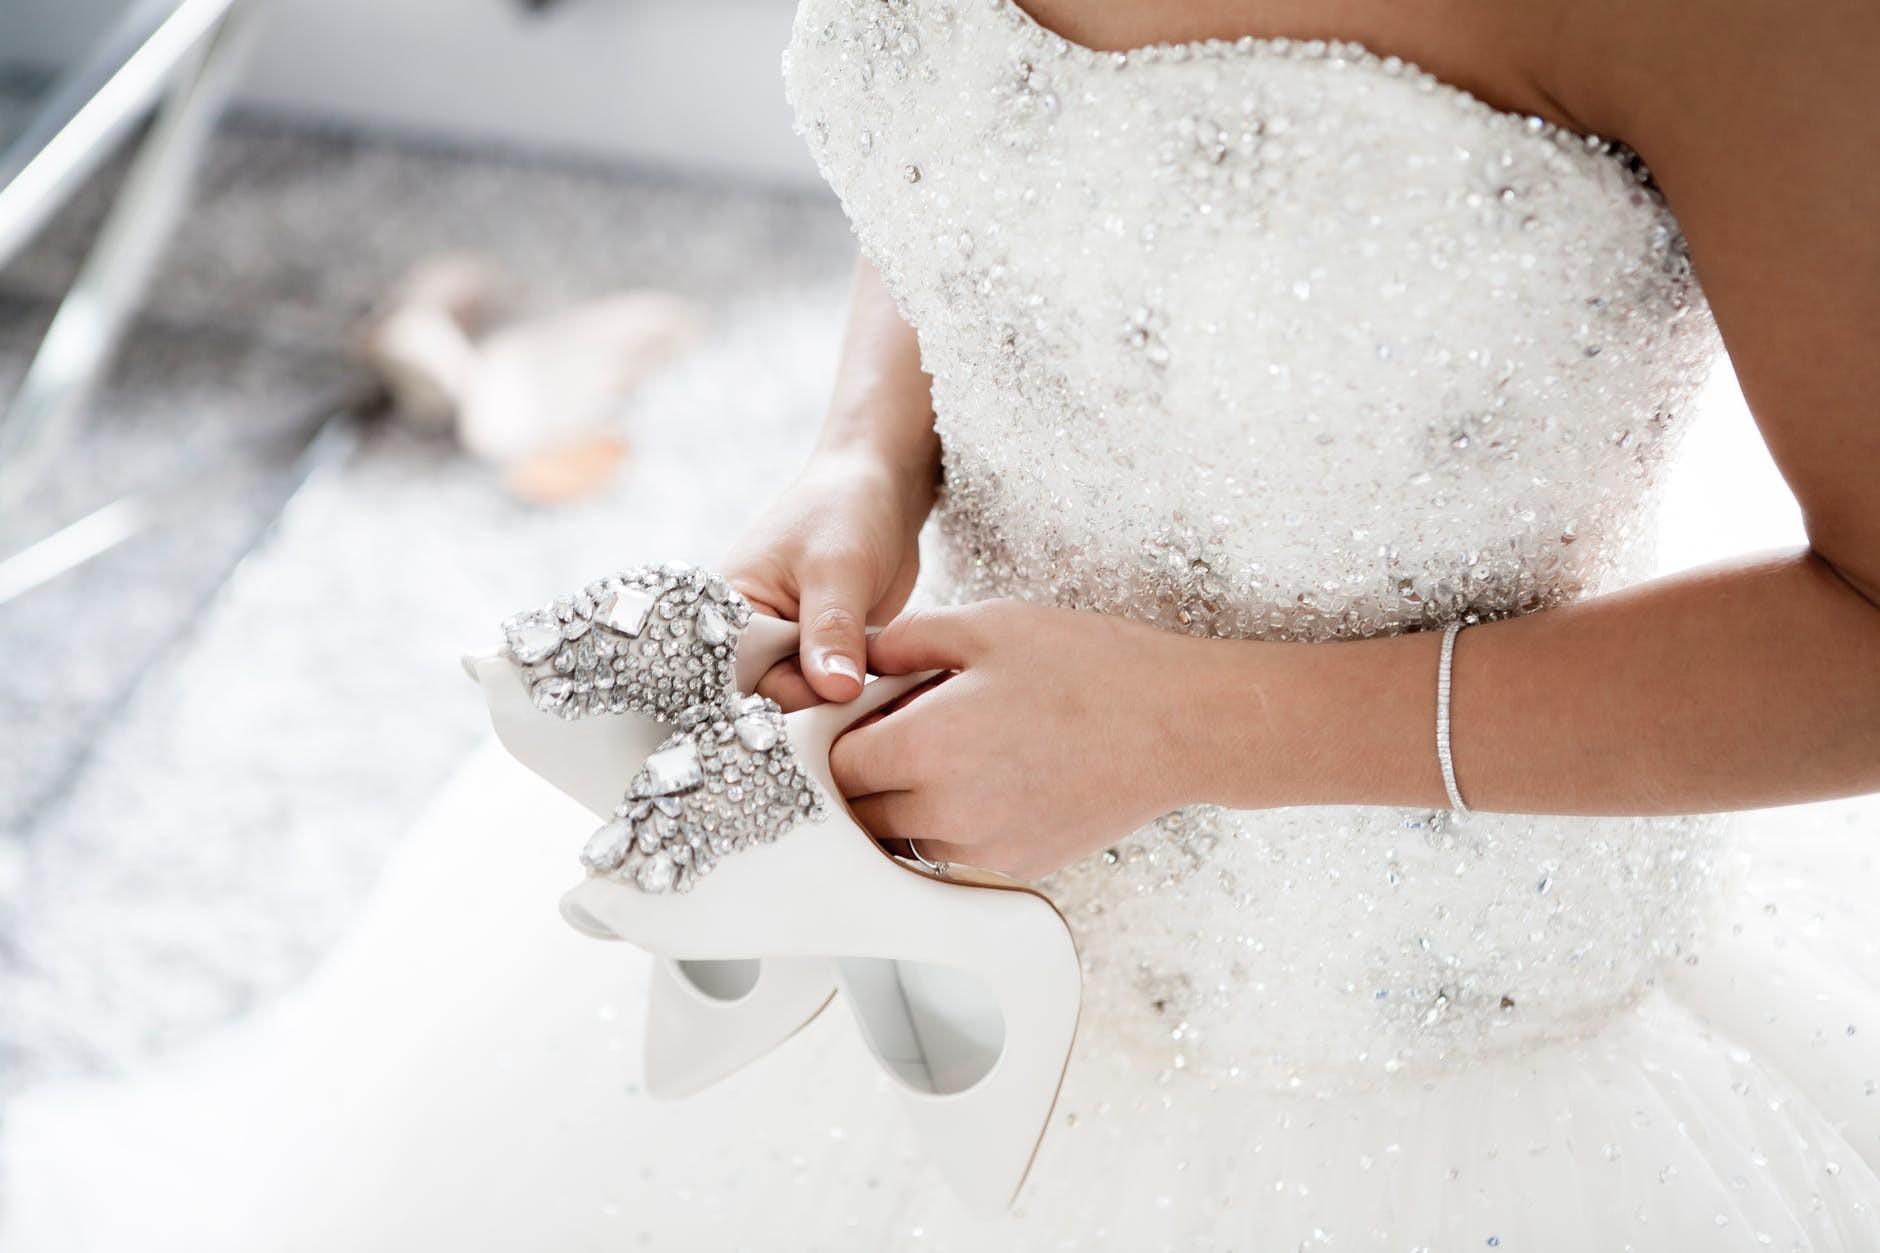 Amikor a legjobb barátnő az esküvő ellensége - Hasznos tippek menyasszonyoknak | Femcafe